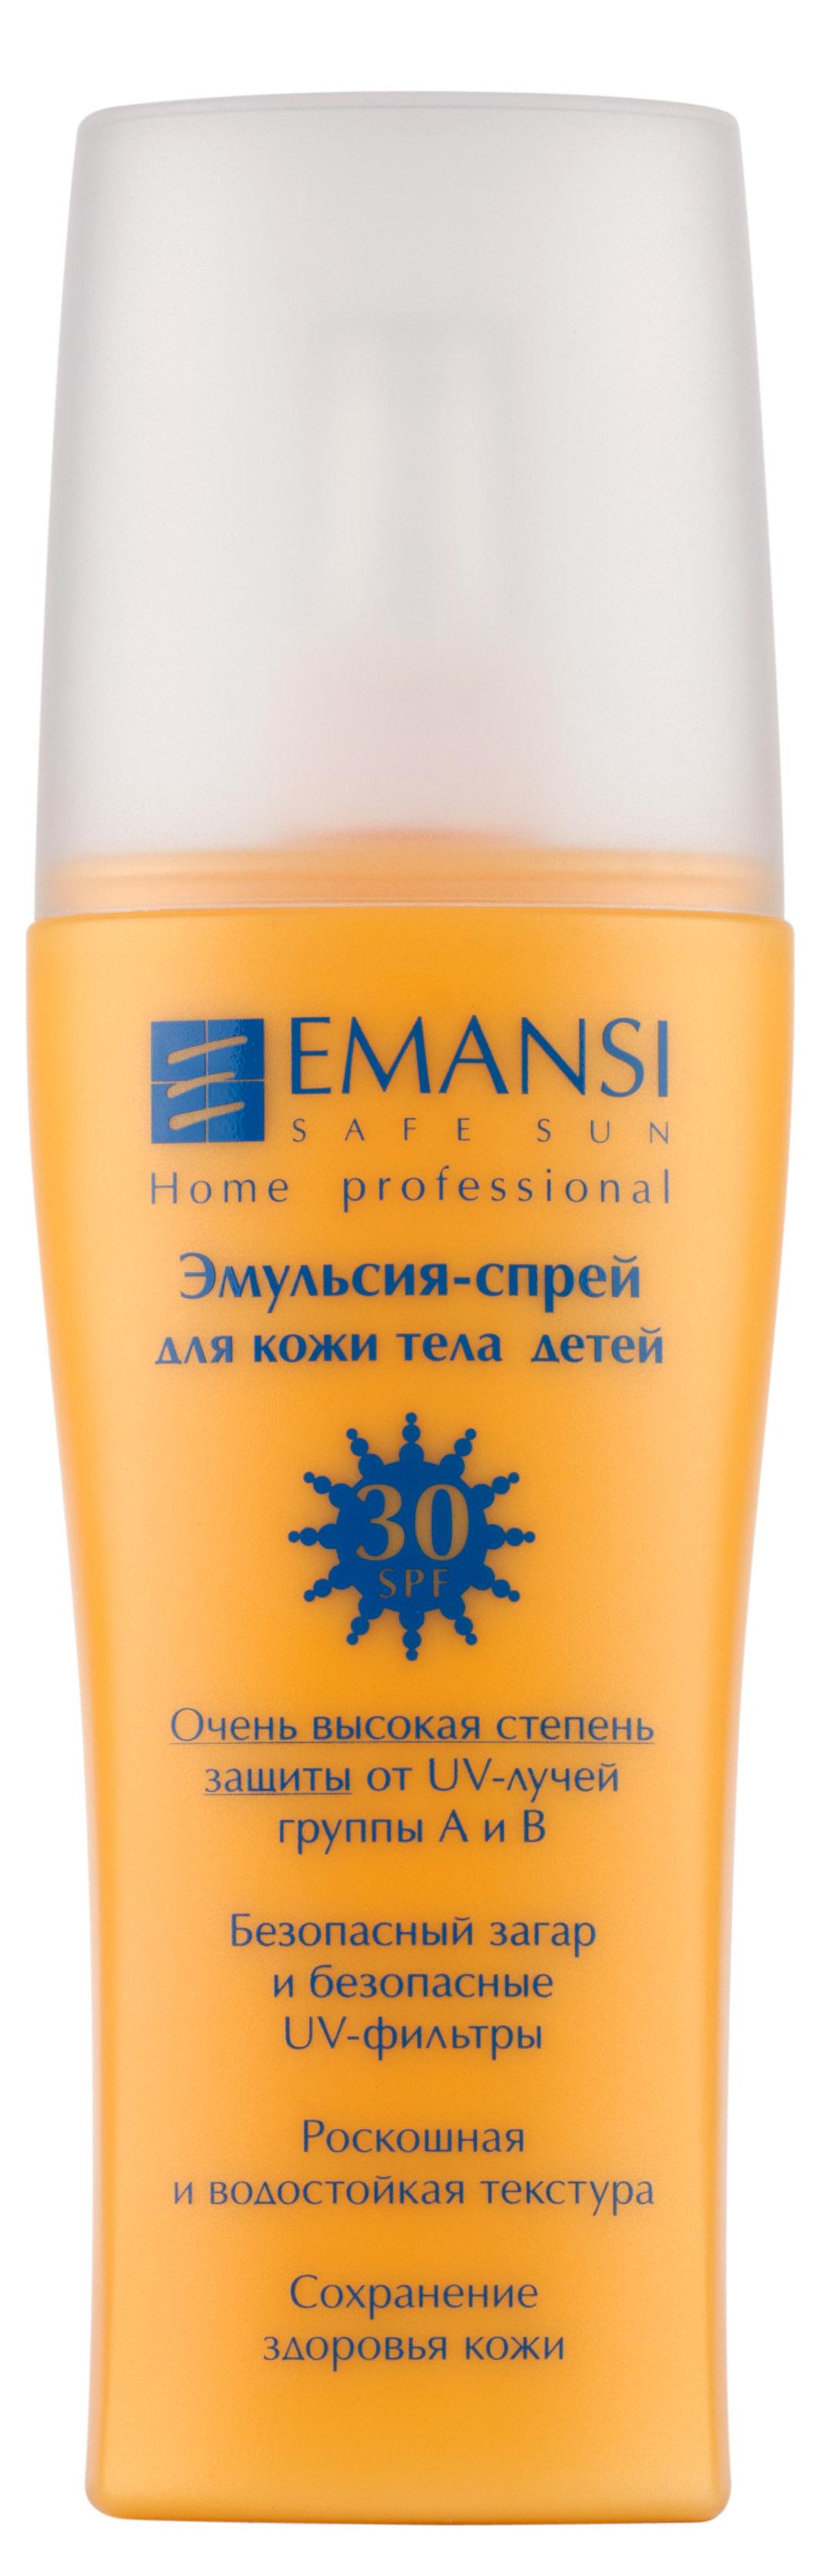 Emansi Эмульсия для тела детская Safe sun, спрей, SPF 30, 150 млFS-00897- Очень высокая степень защиты от UV-лучей группы А и В - Безопасный загар и безопасные UV-фильтры - Роскошная и водостойкая текстура - Сохраняет здоровье кожи - Защищает от ультрафиолетовых лучей группы А и В благодаря безопасным UV-фильтрам - Устойчива к действию воды и пота- Подходит для любой, в том числе и чувствительной кожи